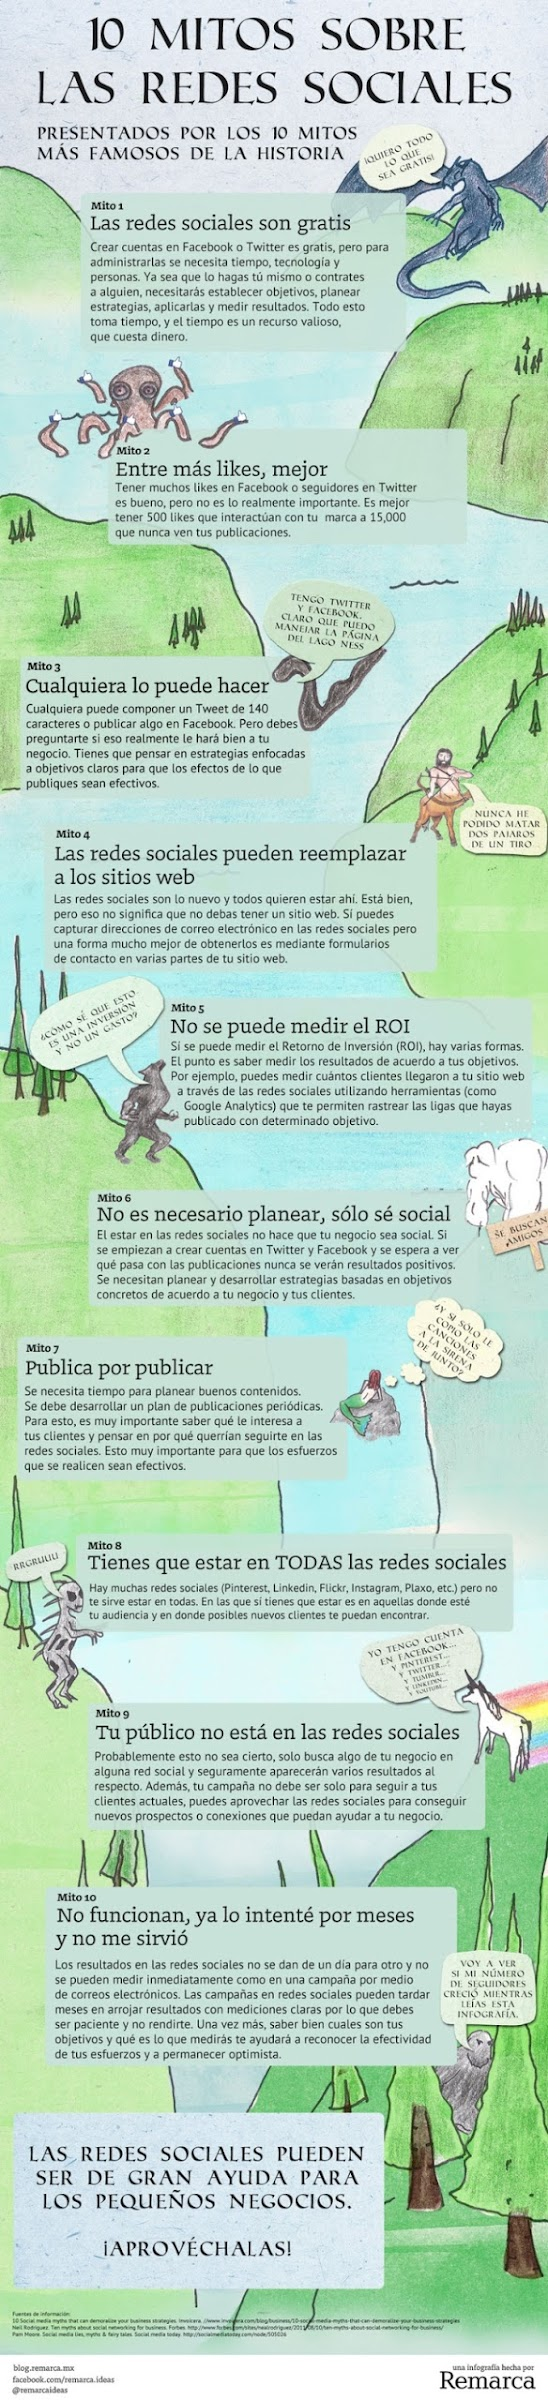 mitos redes sociales infografía